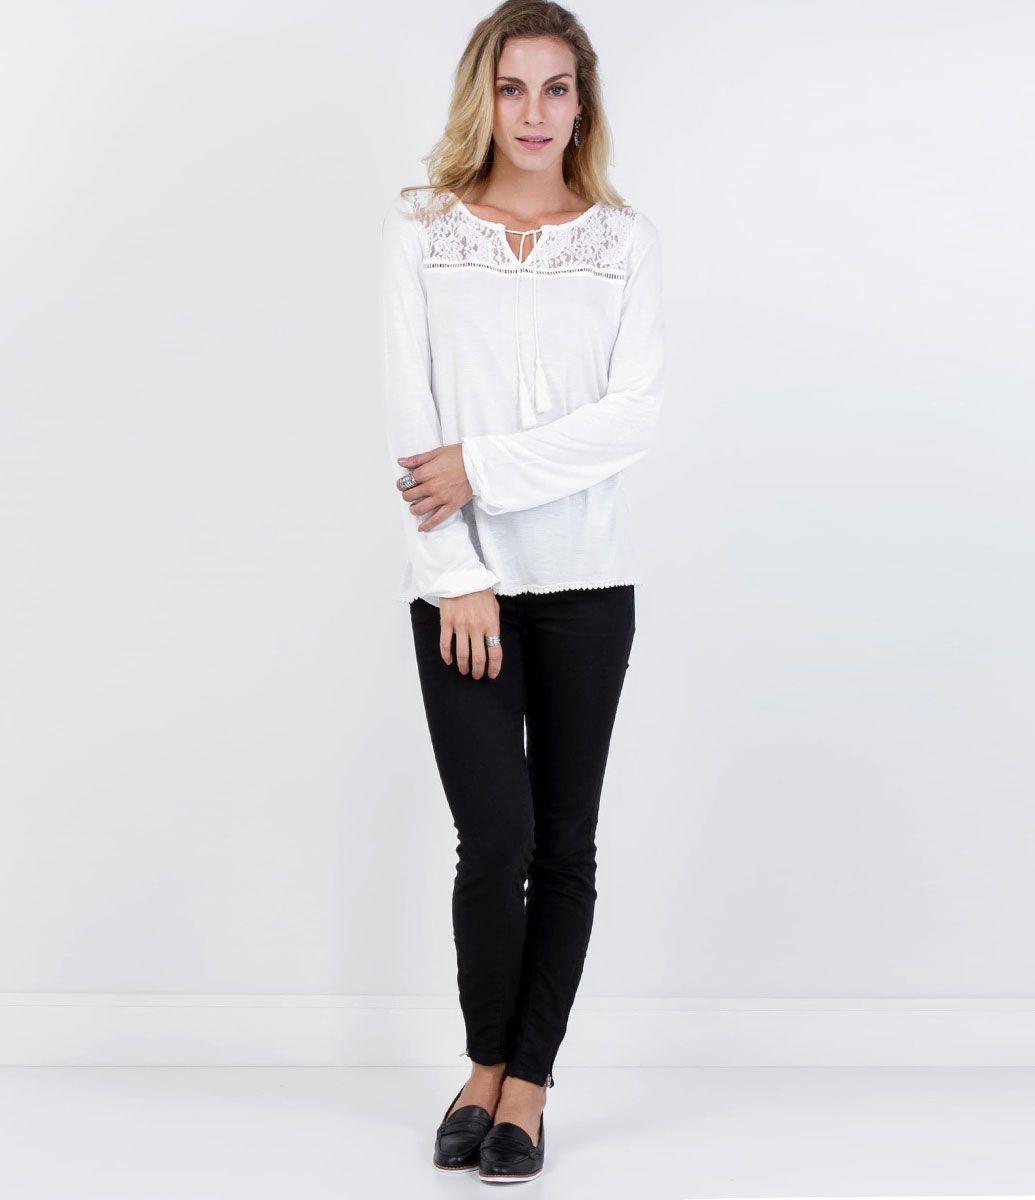 Queima Estoque - Blusa Manga Longa Branca e Listrada com